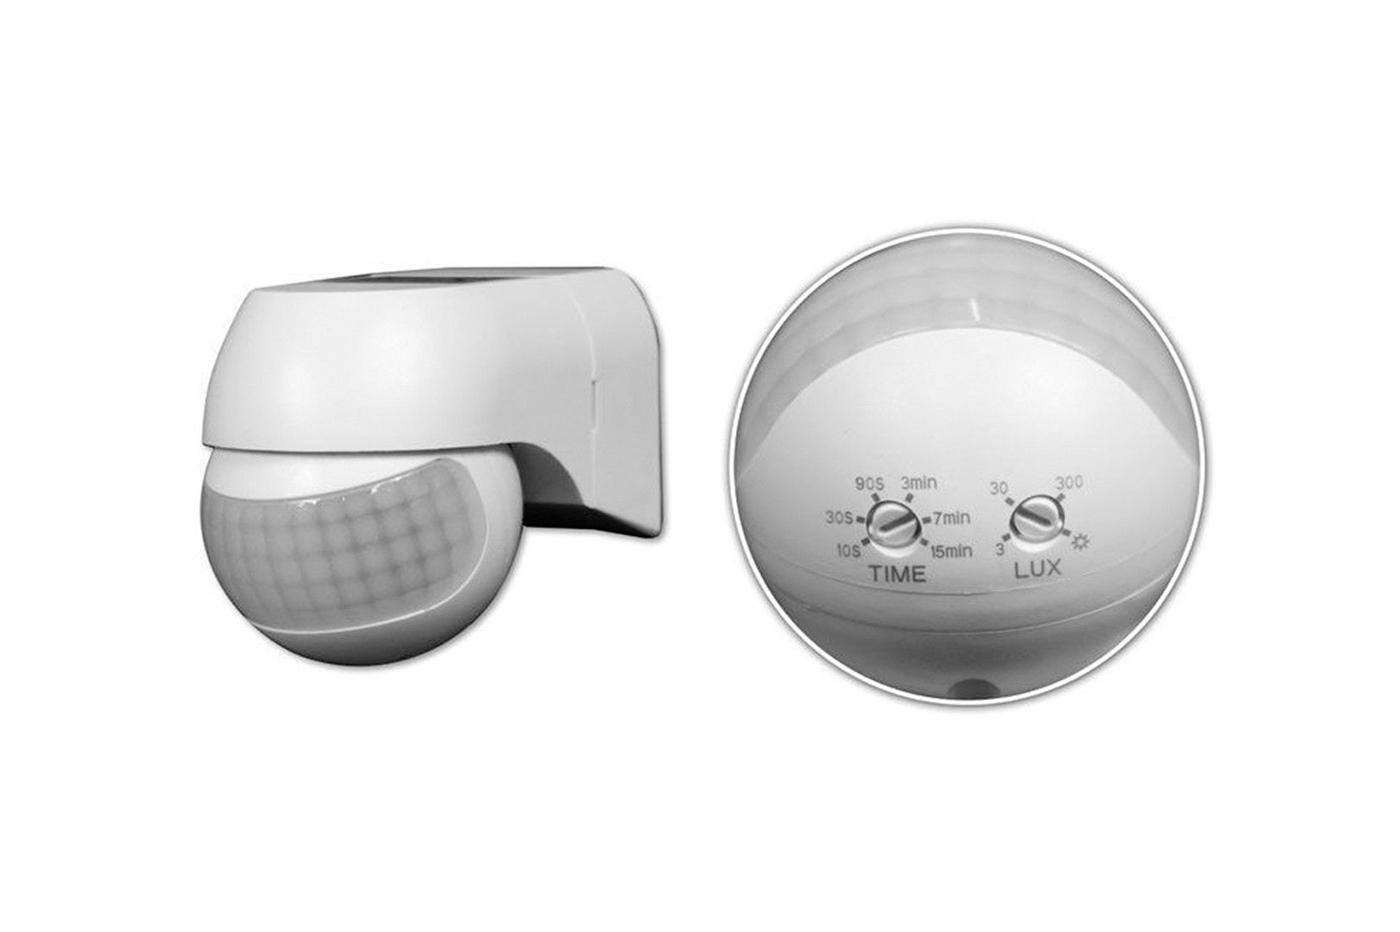 Plafoniere Per Esterno Con Crepuscolare : Bes 13680 luci notturne beselettronica sensore movimento